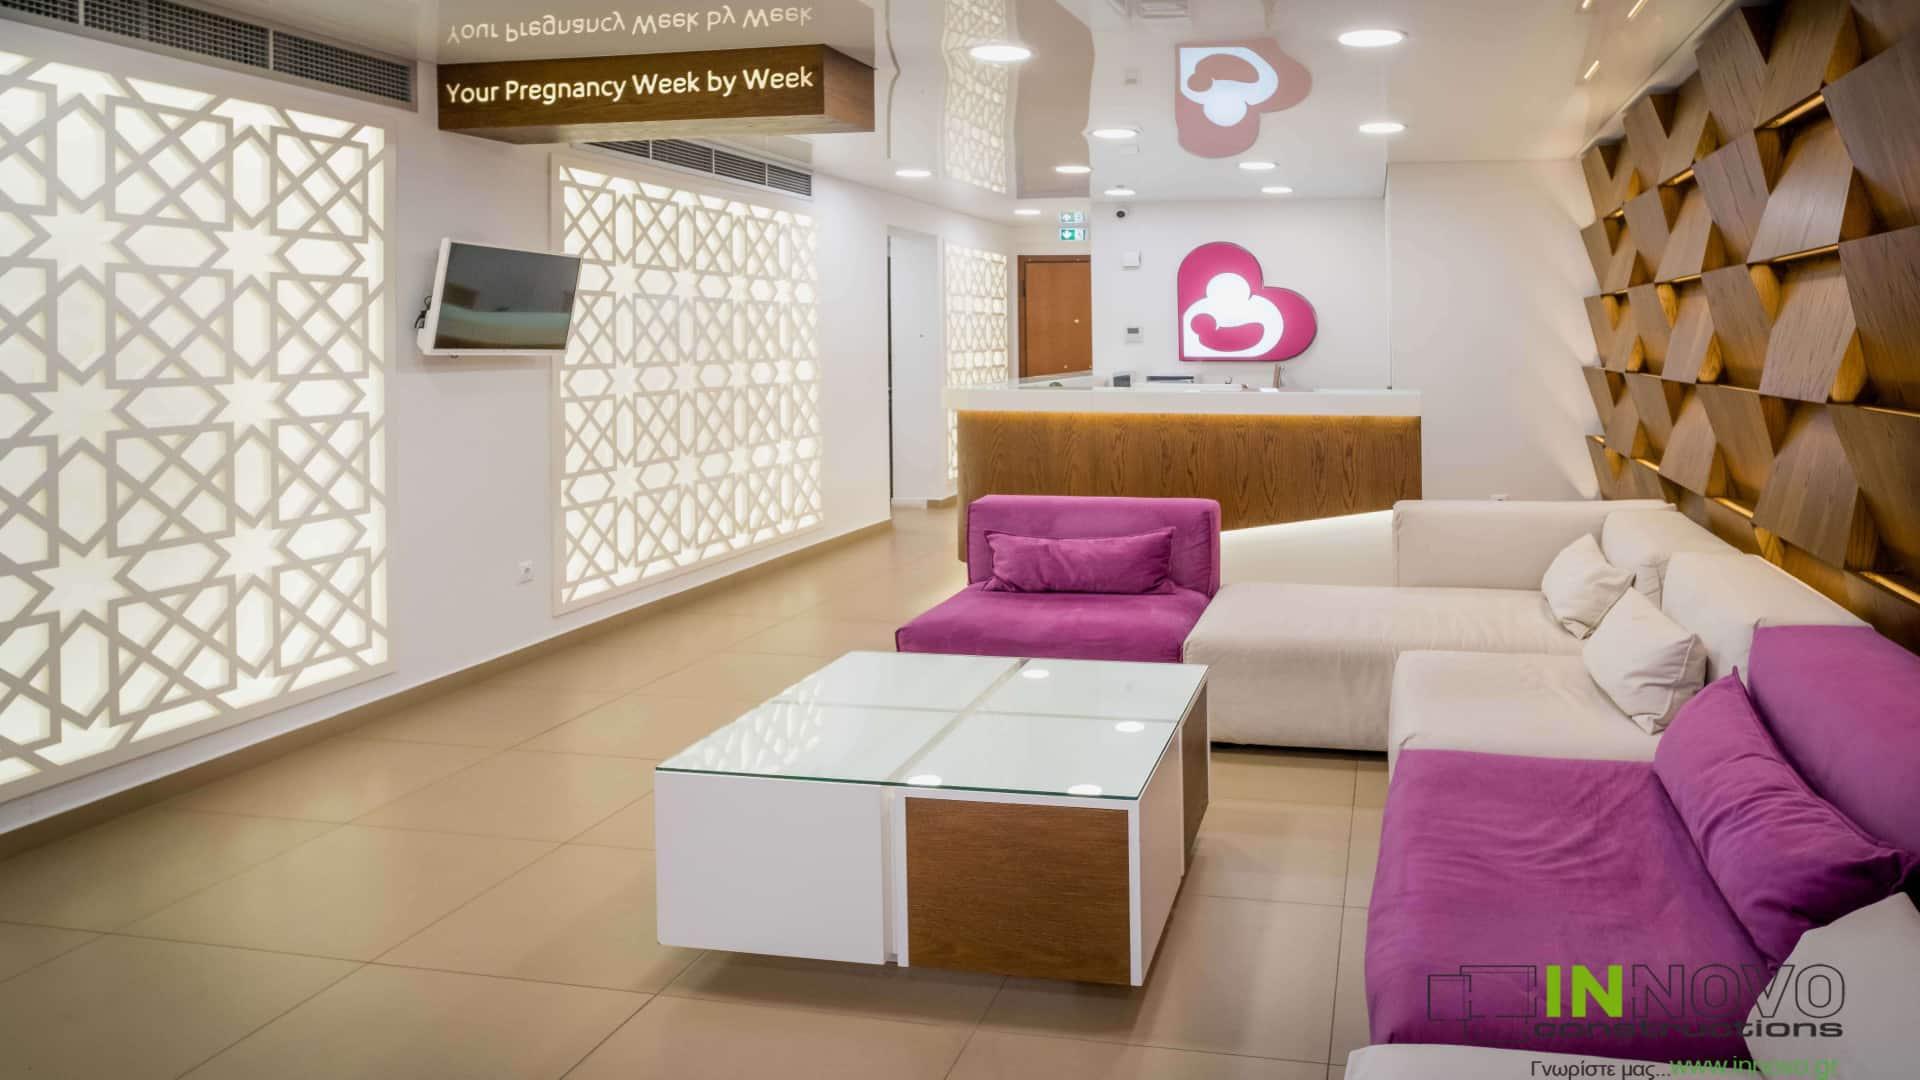 κατασκευη-γυναικολογικου-ιατρειου-πειραιας-gynecologist-clinics-construction-piraeus-5